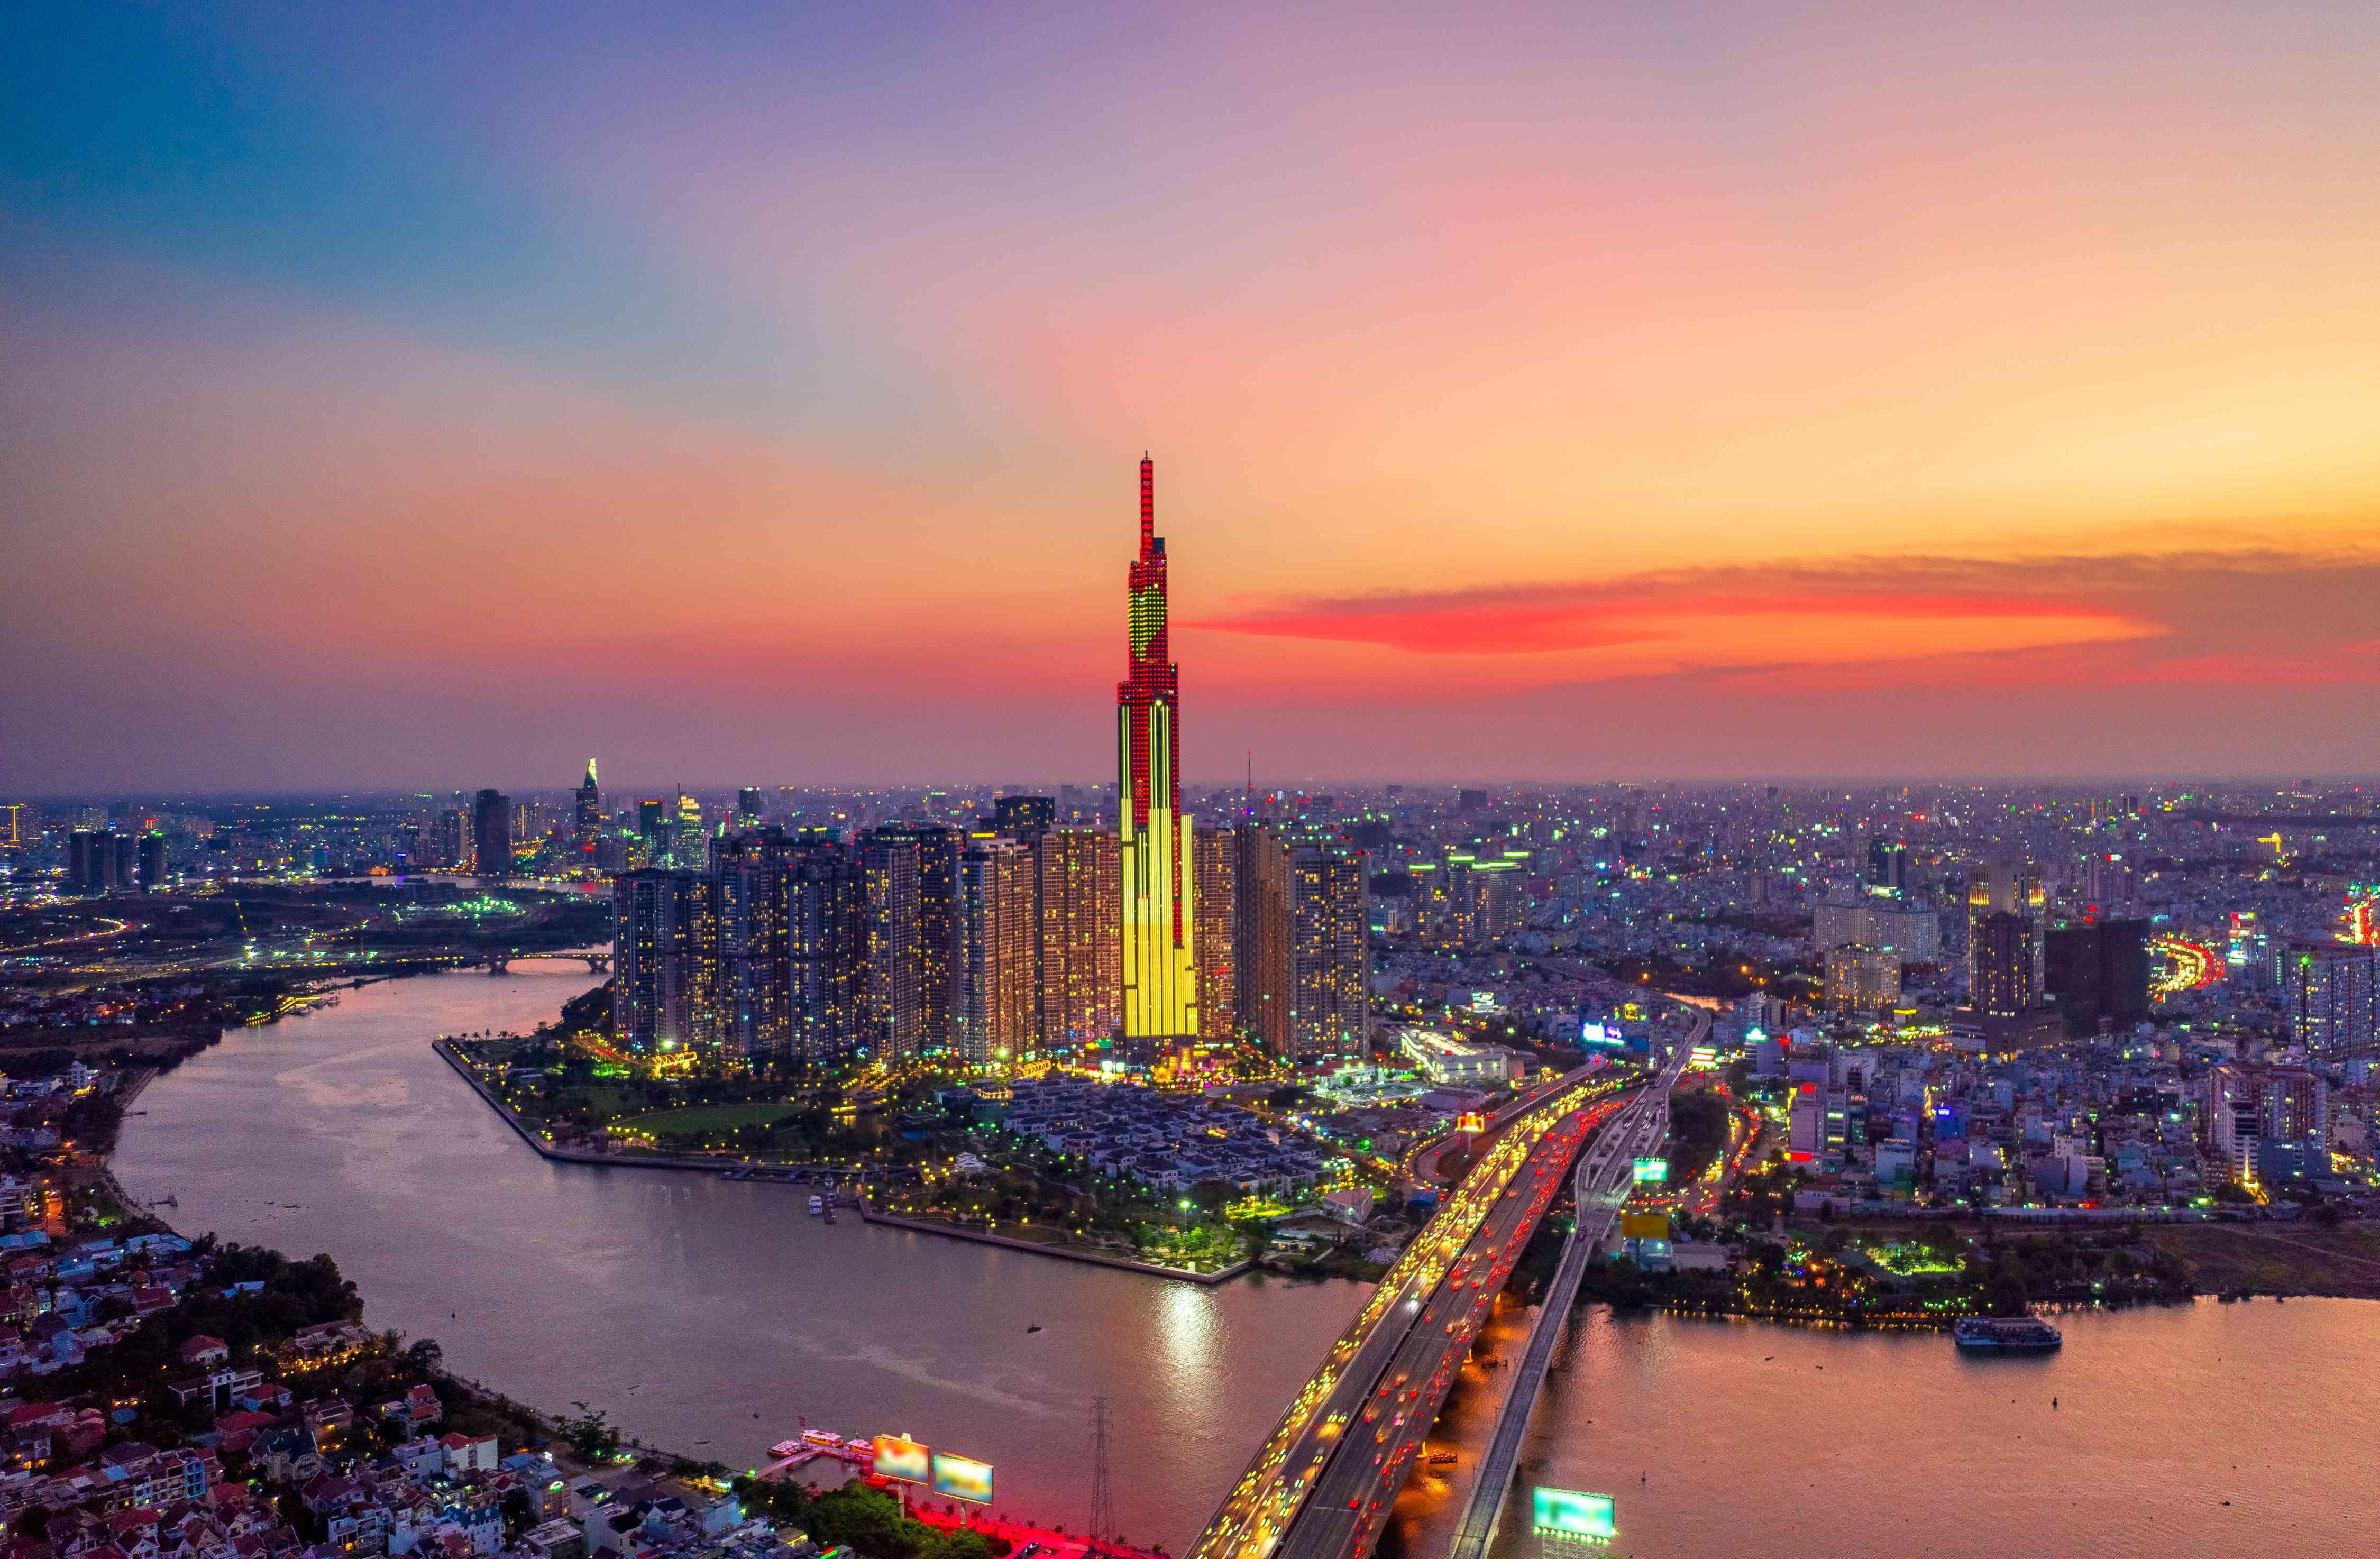 Landmark 81 illuminated at night in Ho Chi Minh City